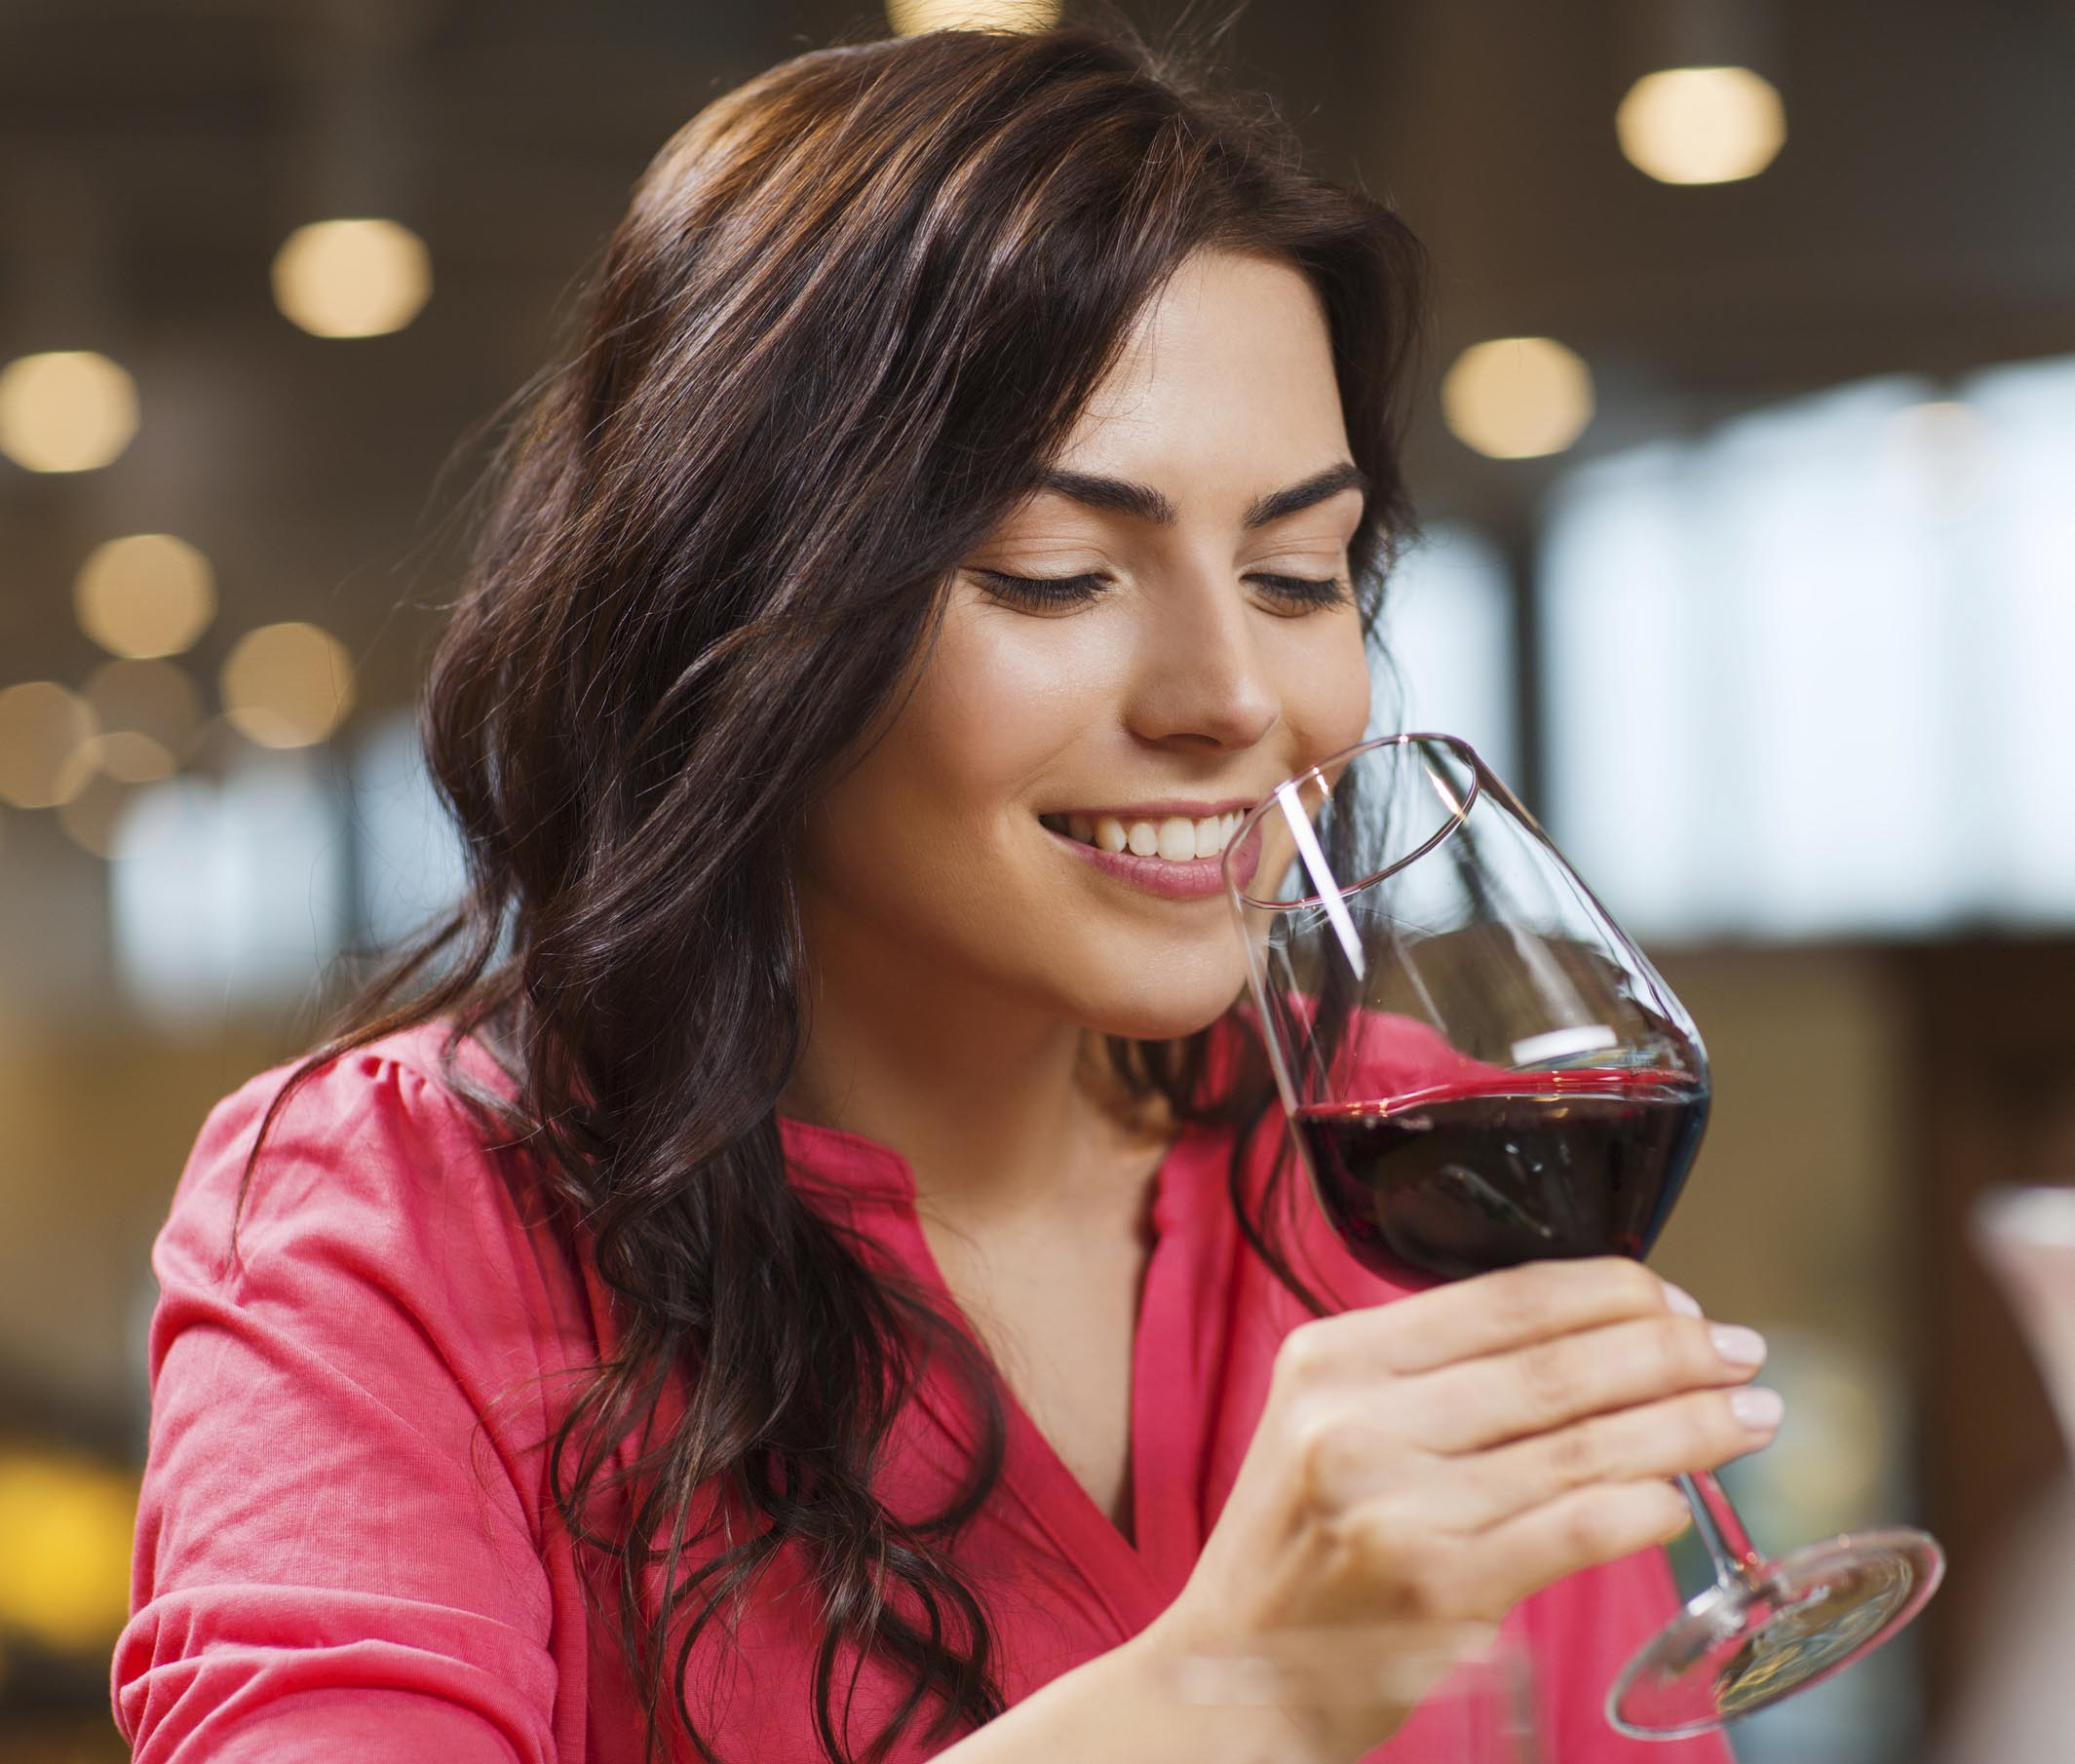 Informes Educativos: Vinho tinto pode ajudar no controle do Diabetes Tipo 2